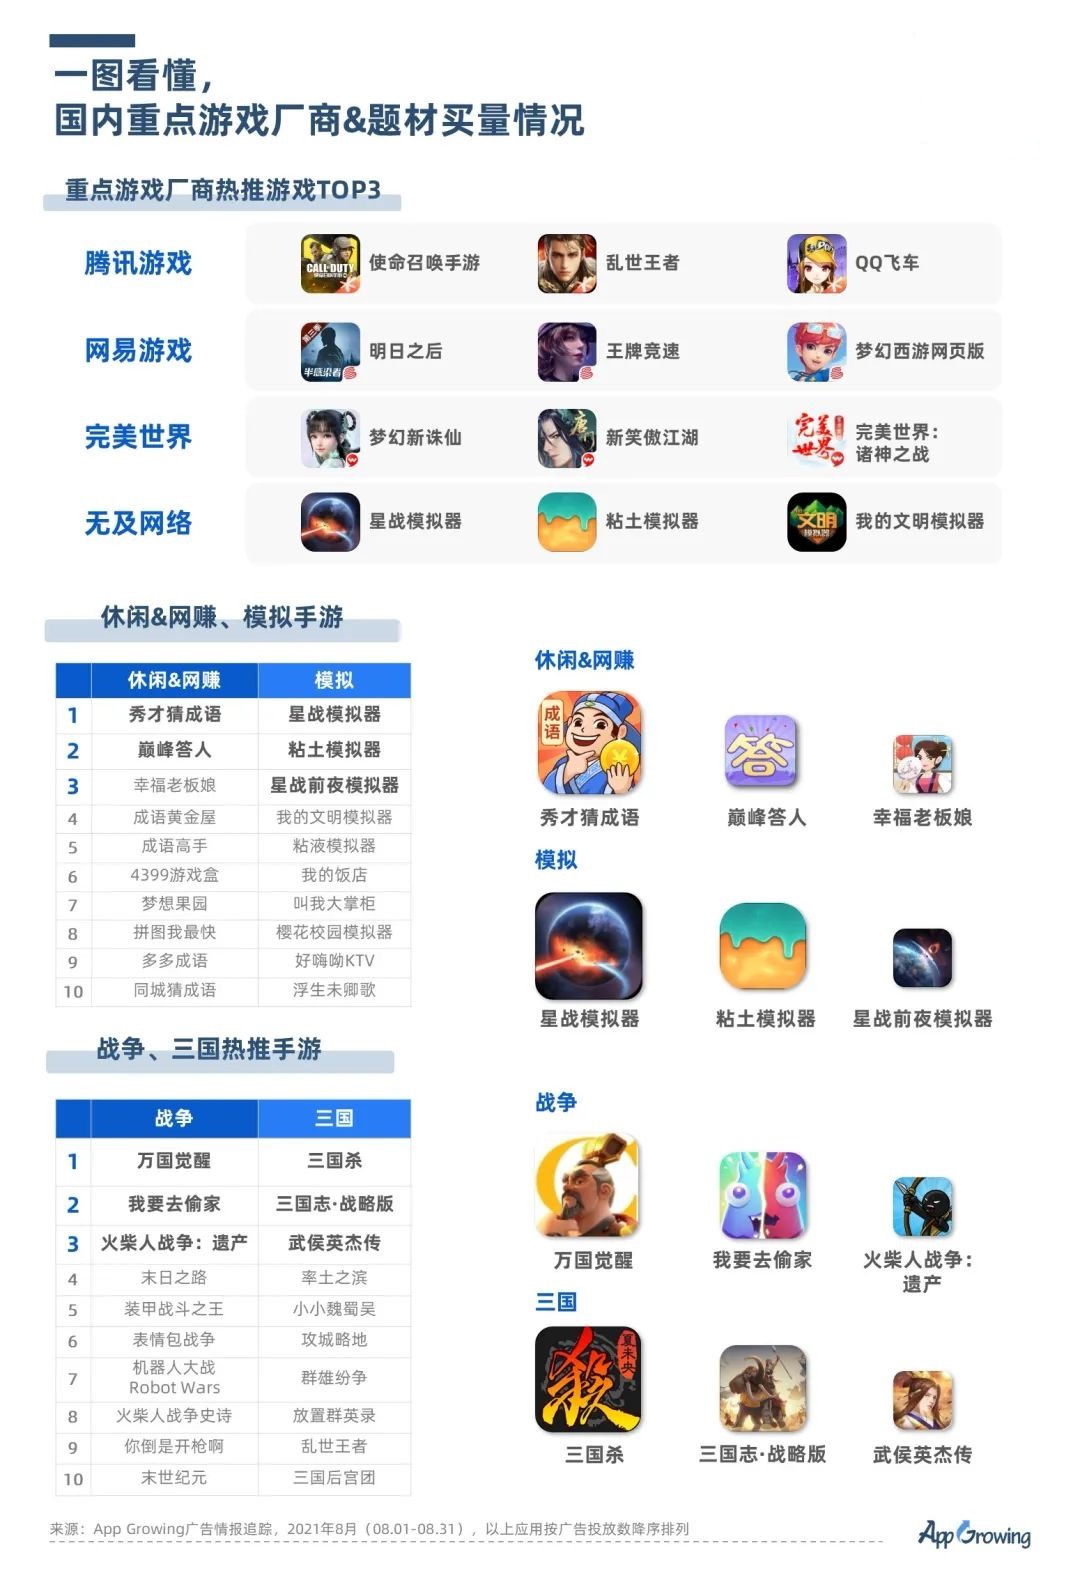 鸟哥笔记,APP推广,App Growing,行业榜单,游戏,行业洞察,趋势